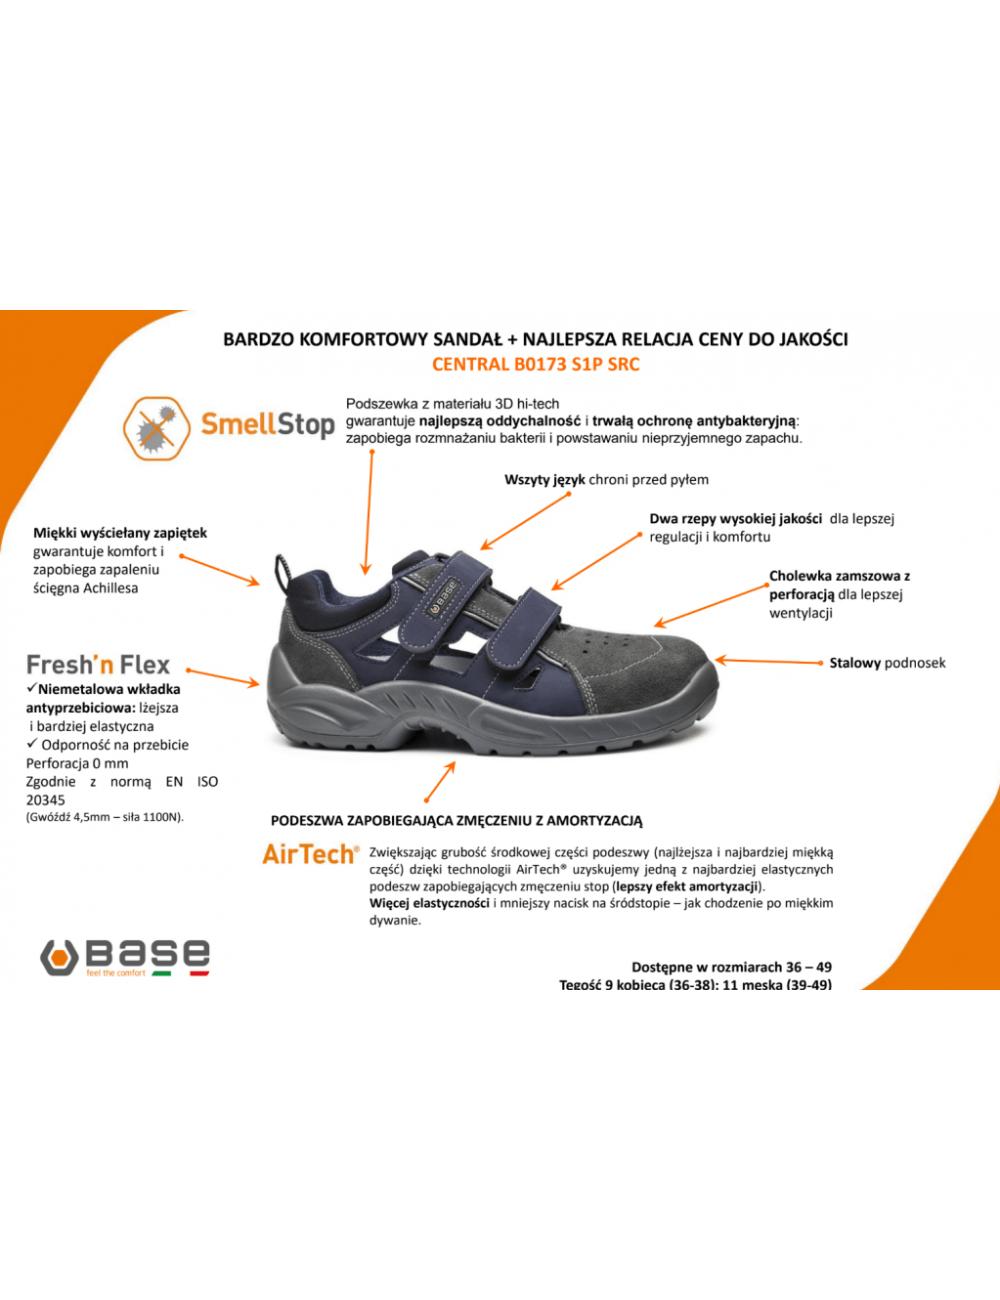 Sandały robocze BASE CENTRAL S1P